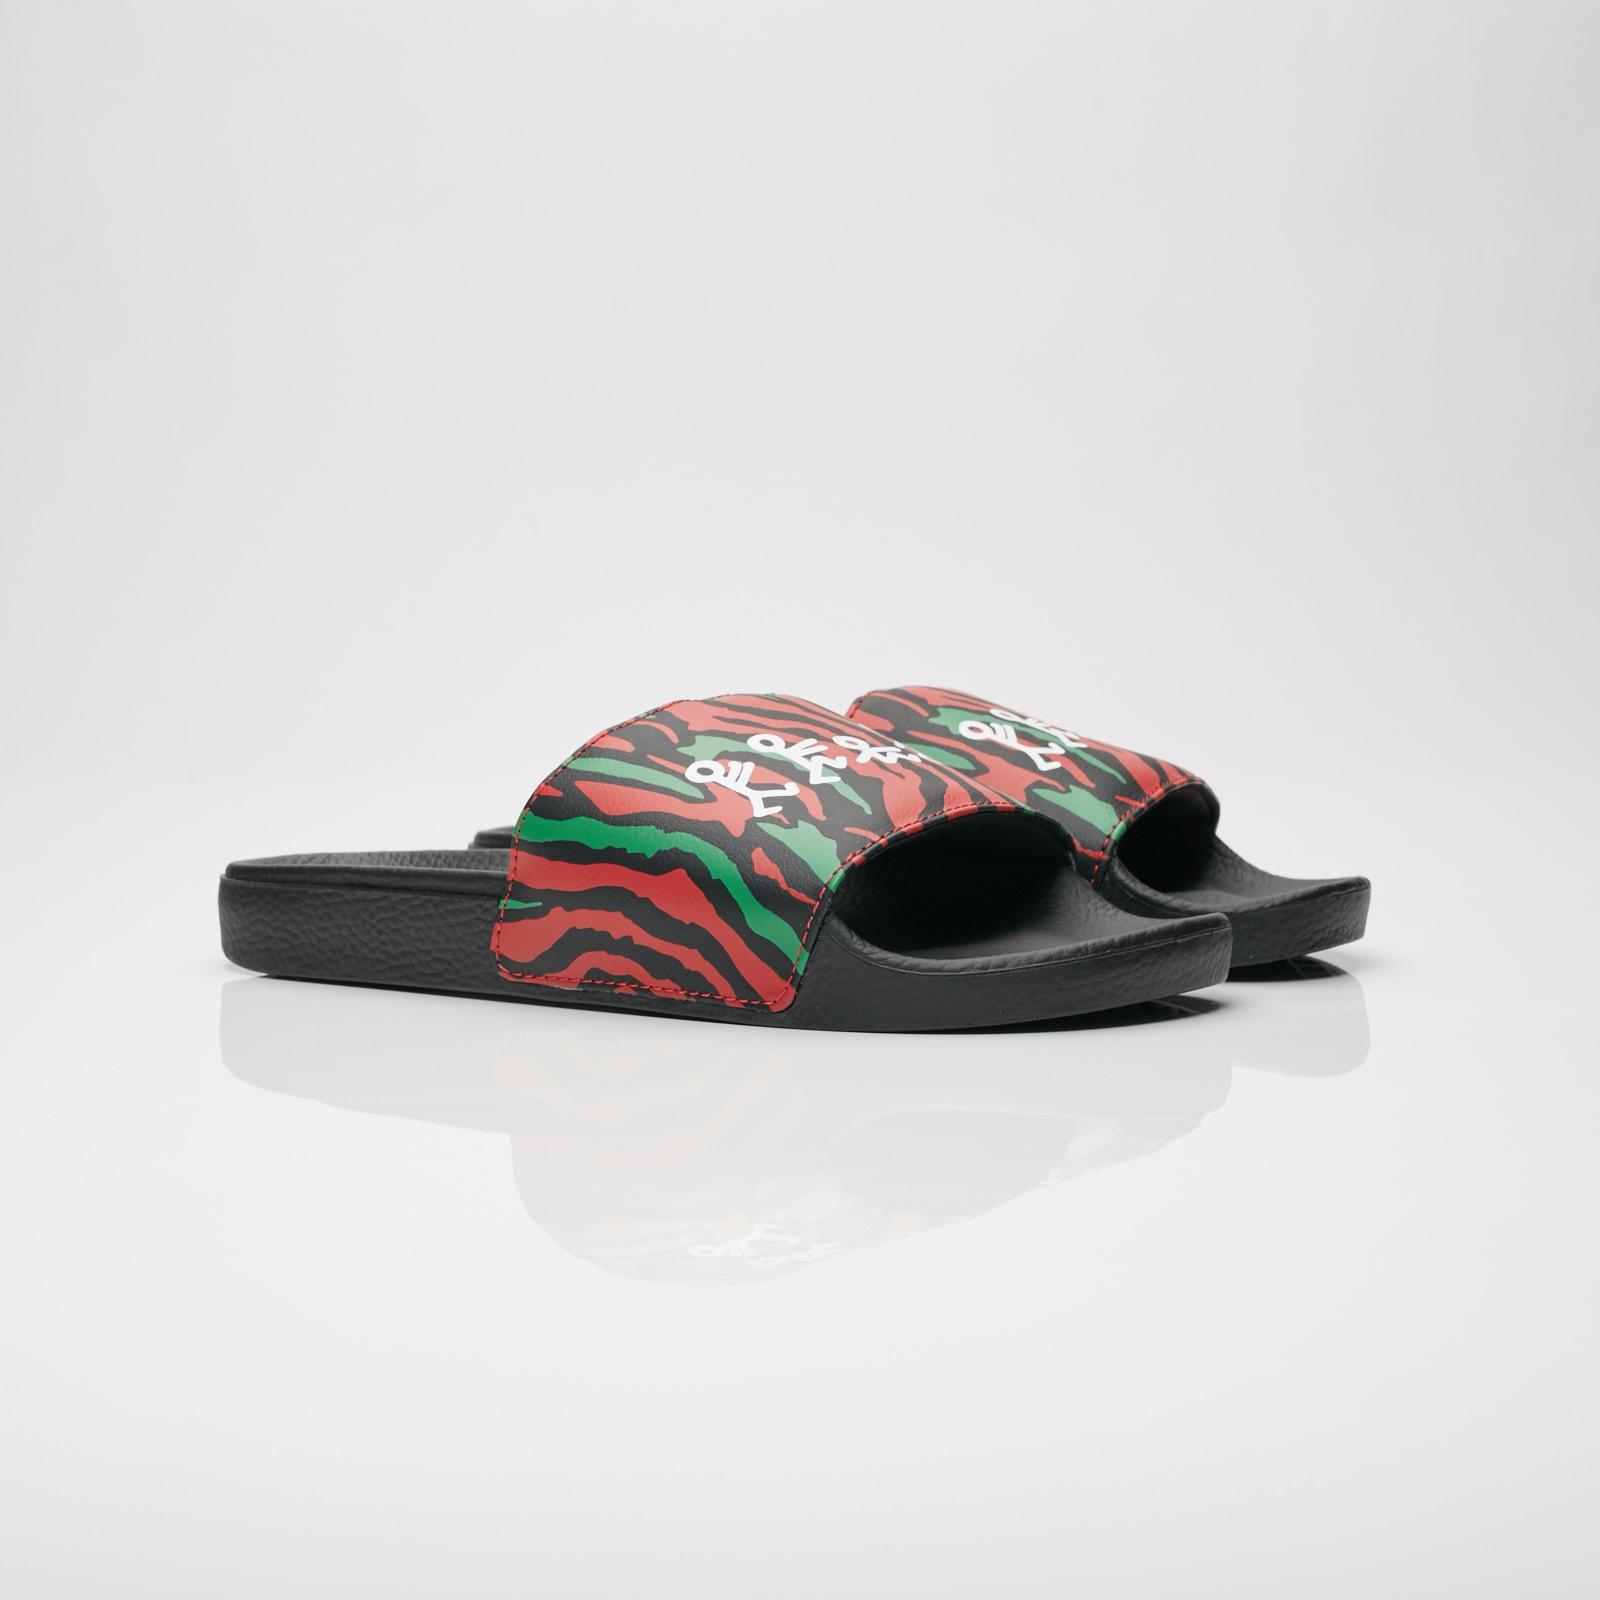 a4e5e2b5 Vans MN Slide-On x ATCQ - Va33tyq4b - Sneakersnstuff | sneakers ...